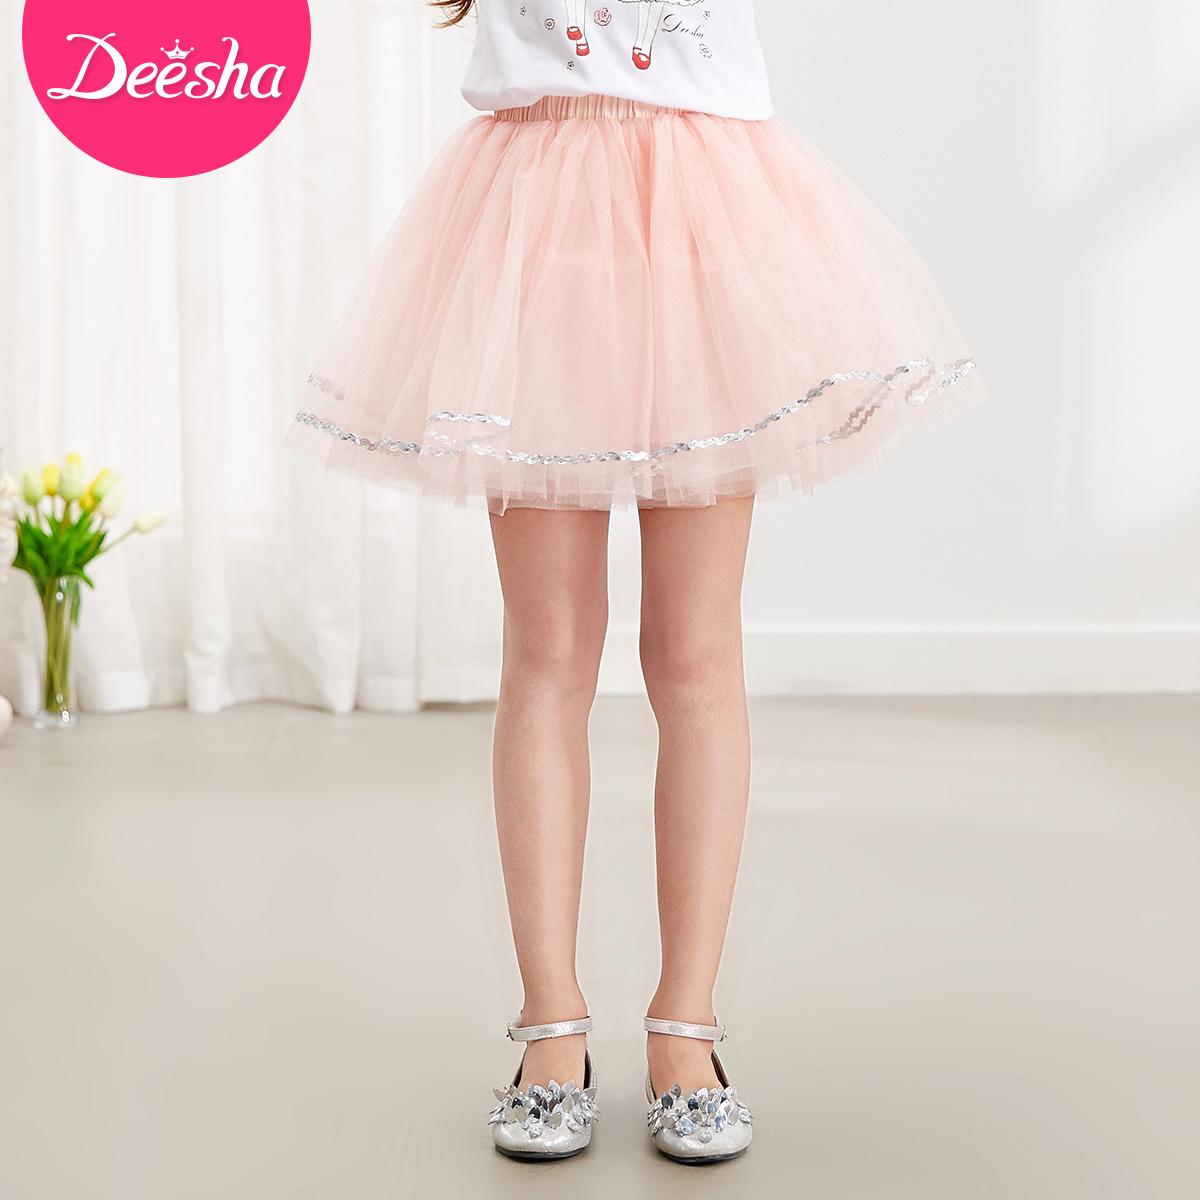 Флейта крахмал саго ребятишки девочки 2017 новый летний юбка в больших детей украшения юбка